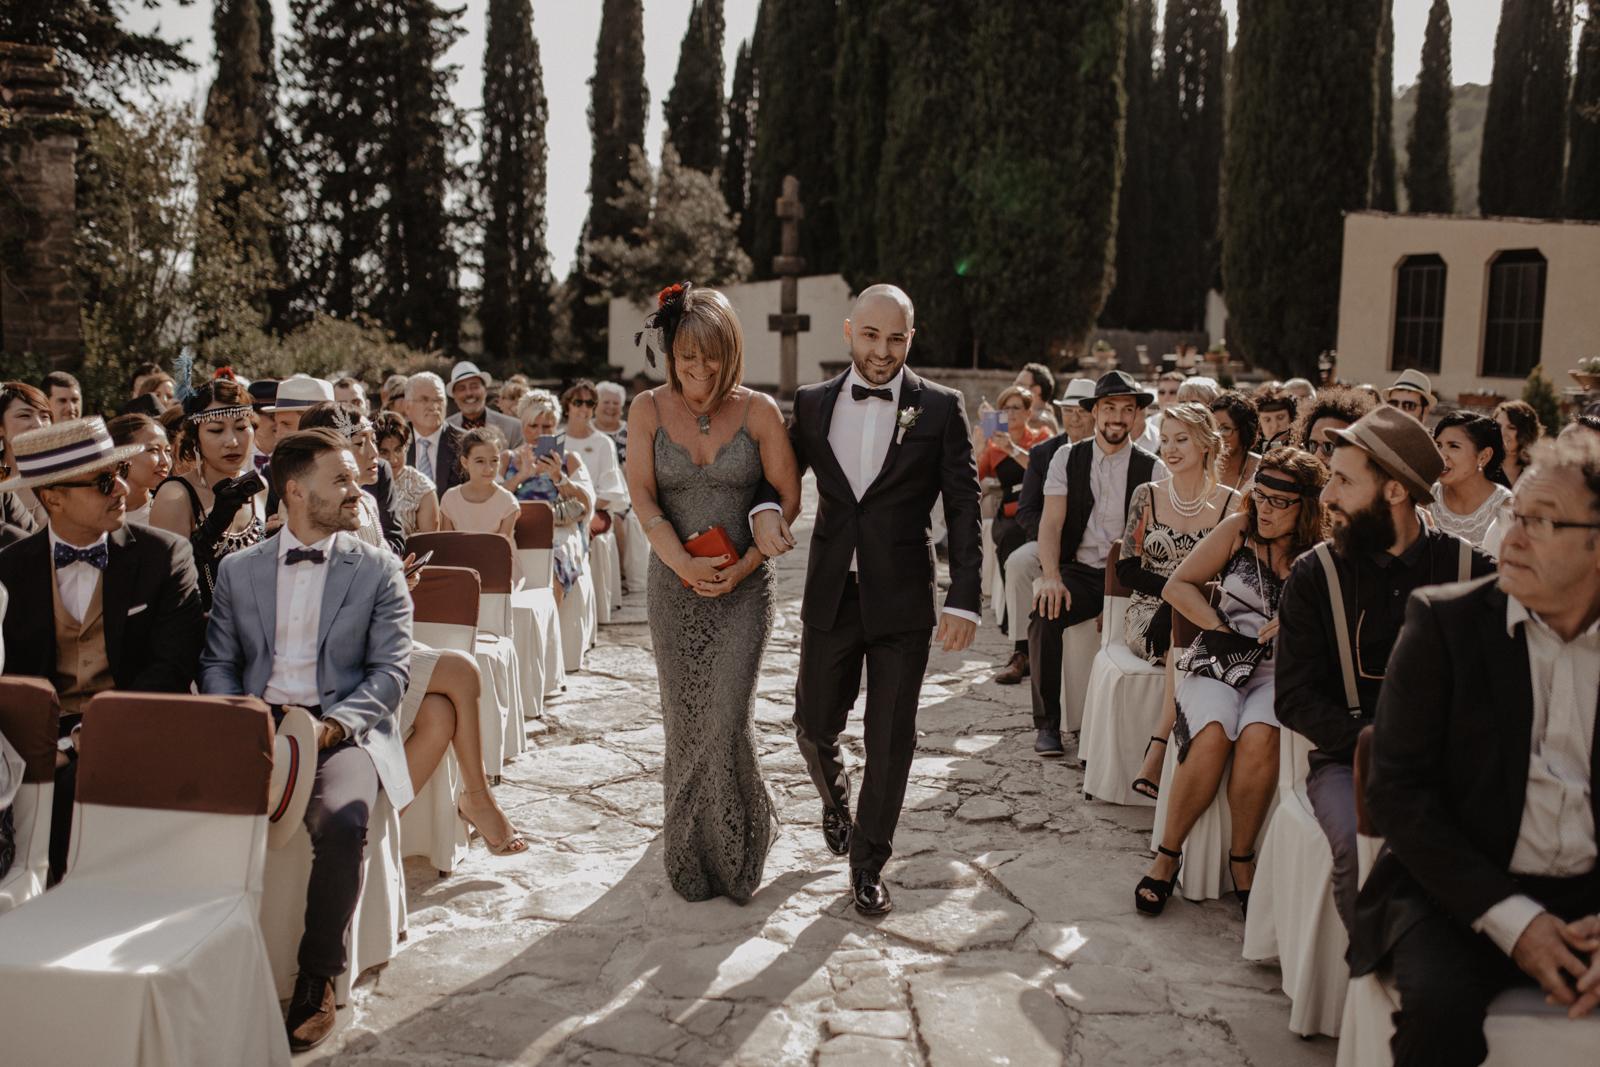 thenortherngirlphotography_photography_thenortherngirl_rebeccascabros_wedding_weddingphotography_weddingphotographer_barcelona_bodaenlabaronia_labaronia_japanesewedding_destinationwedding_shokoalbert-348.jpg